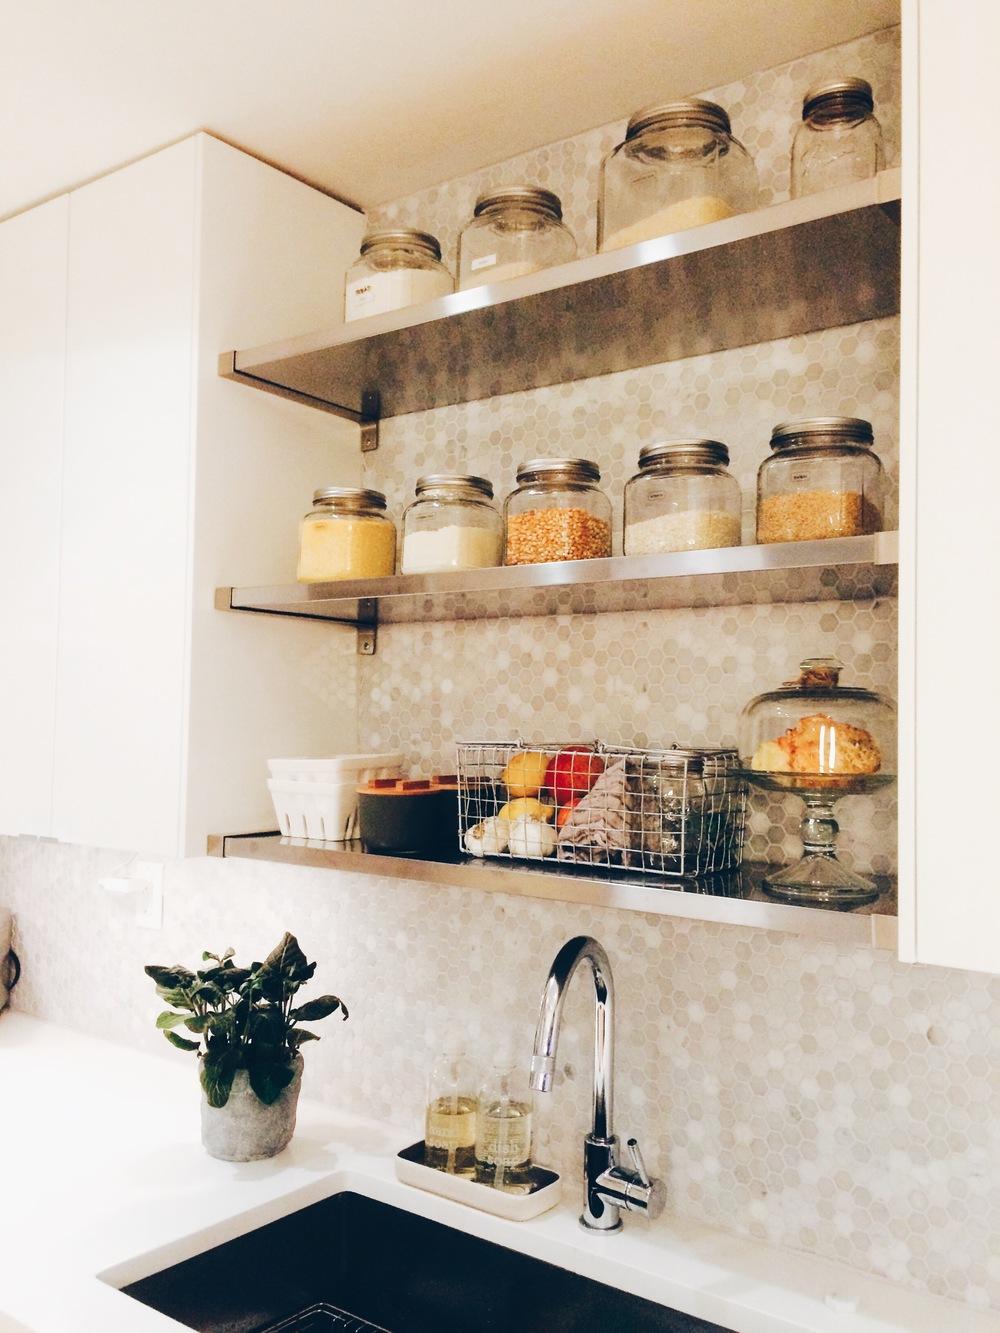 kitchen-shelves-carroll-street